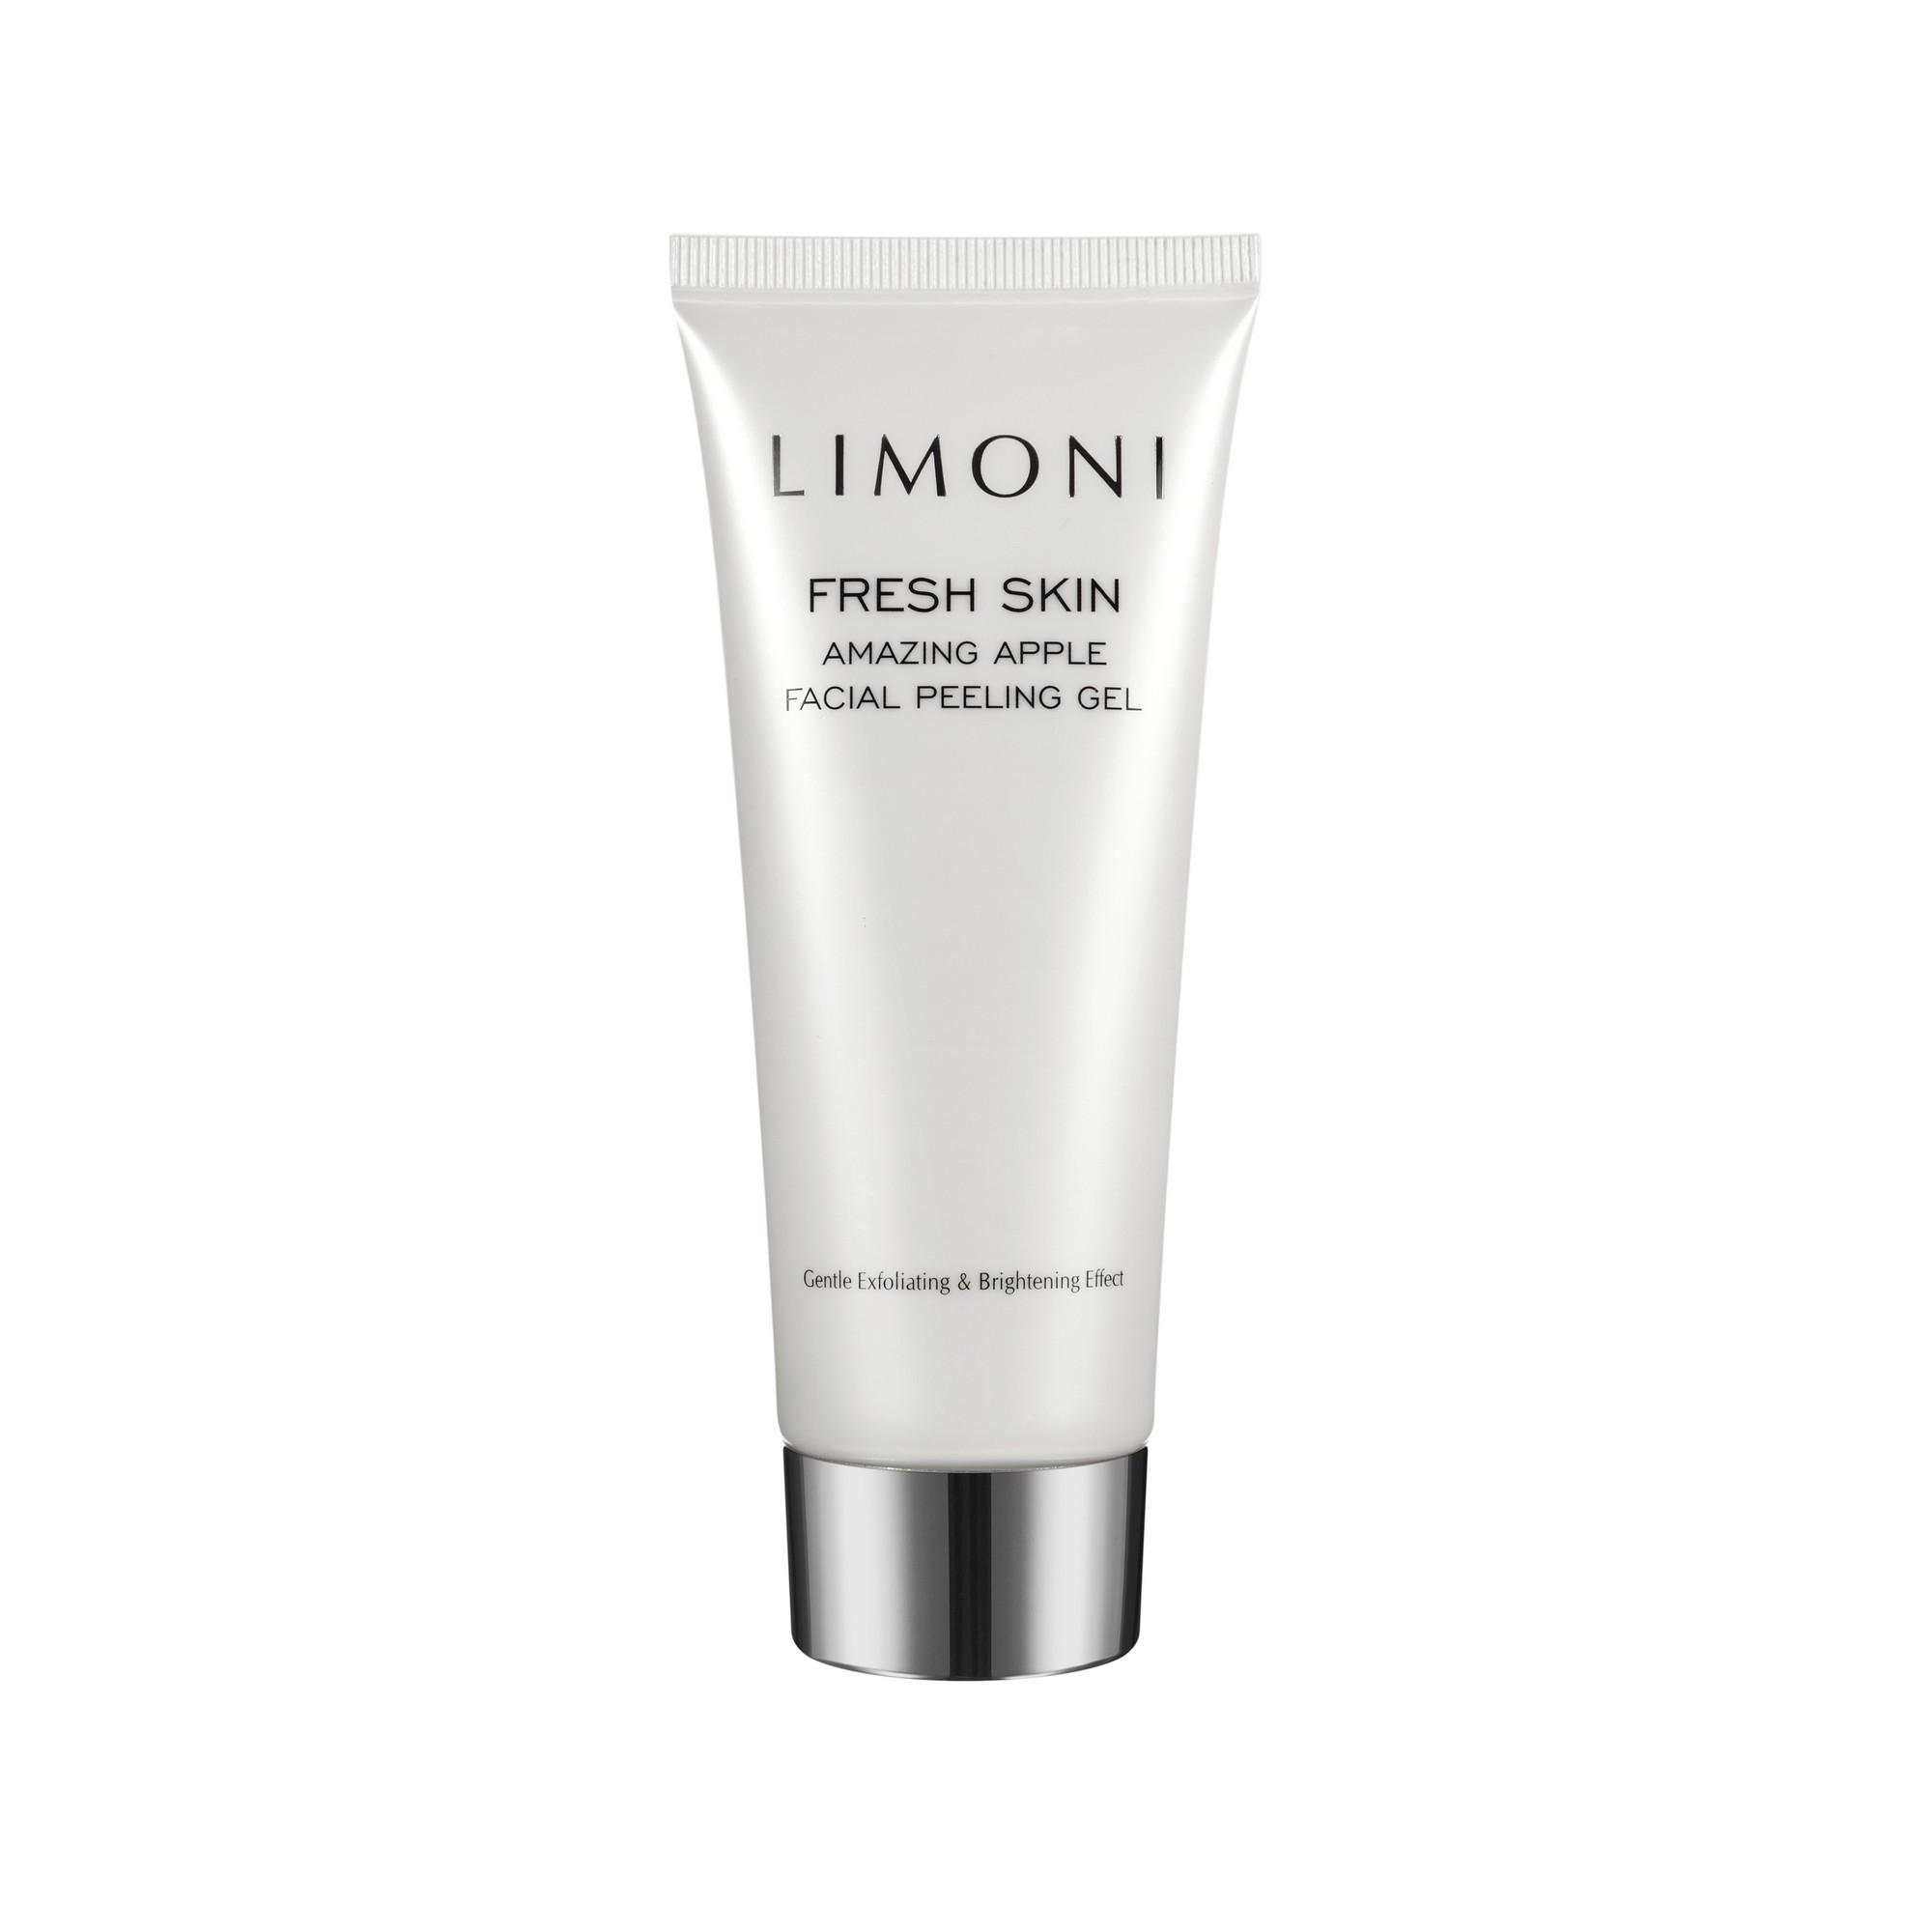 LIMONI Пилинг-гель для лица яблочный / Amazing Apple Facial Peeling Gel 100 мл